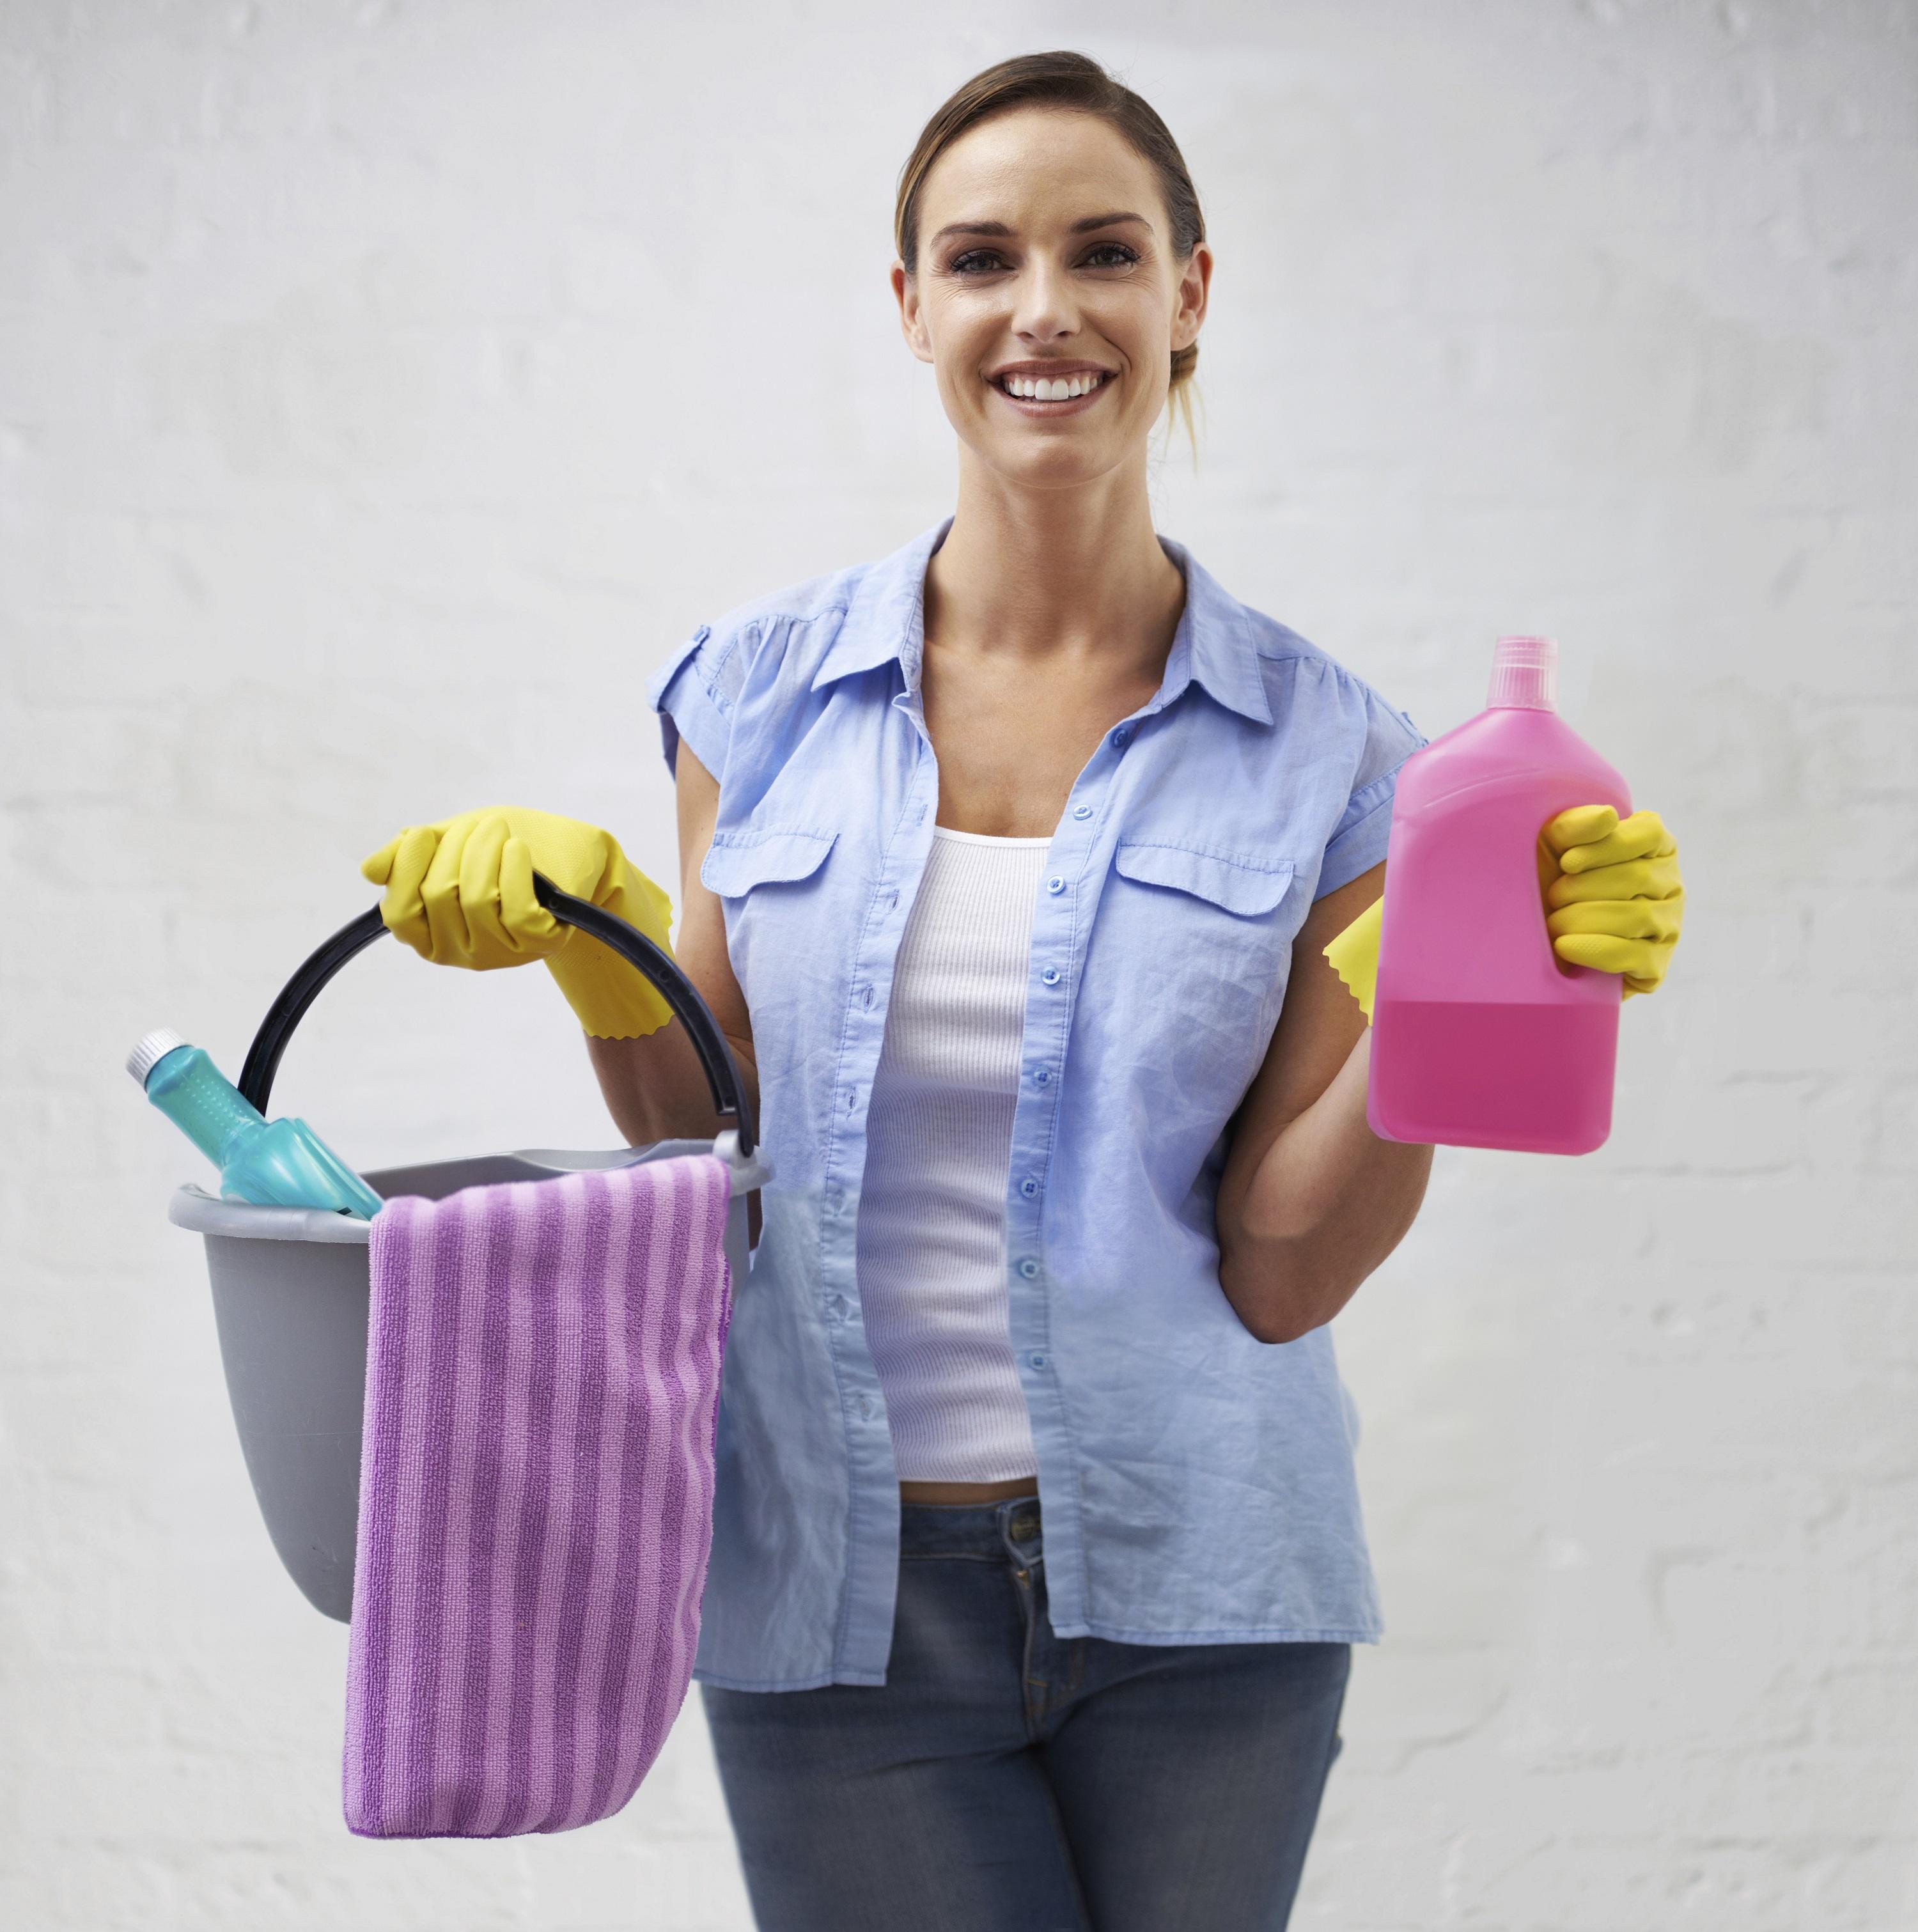 professionele schoonmaakster